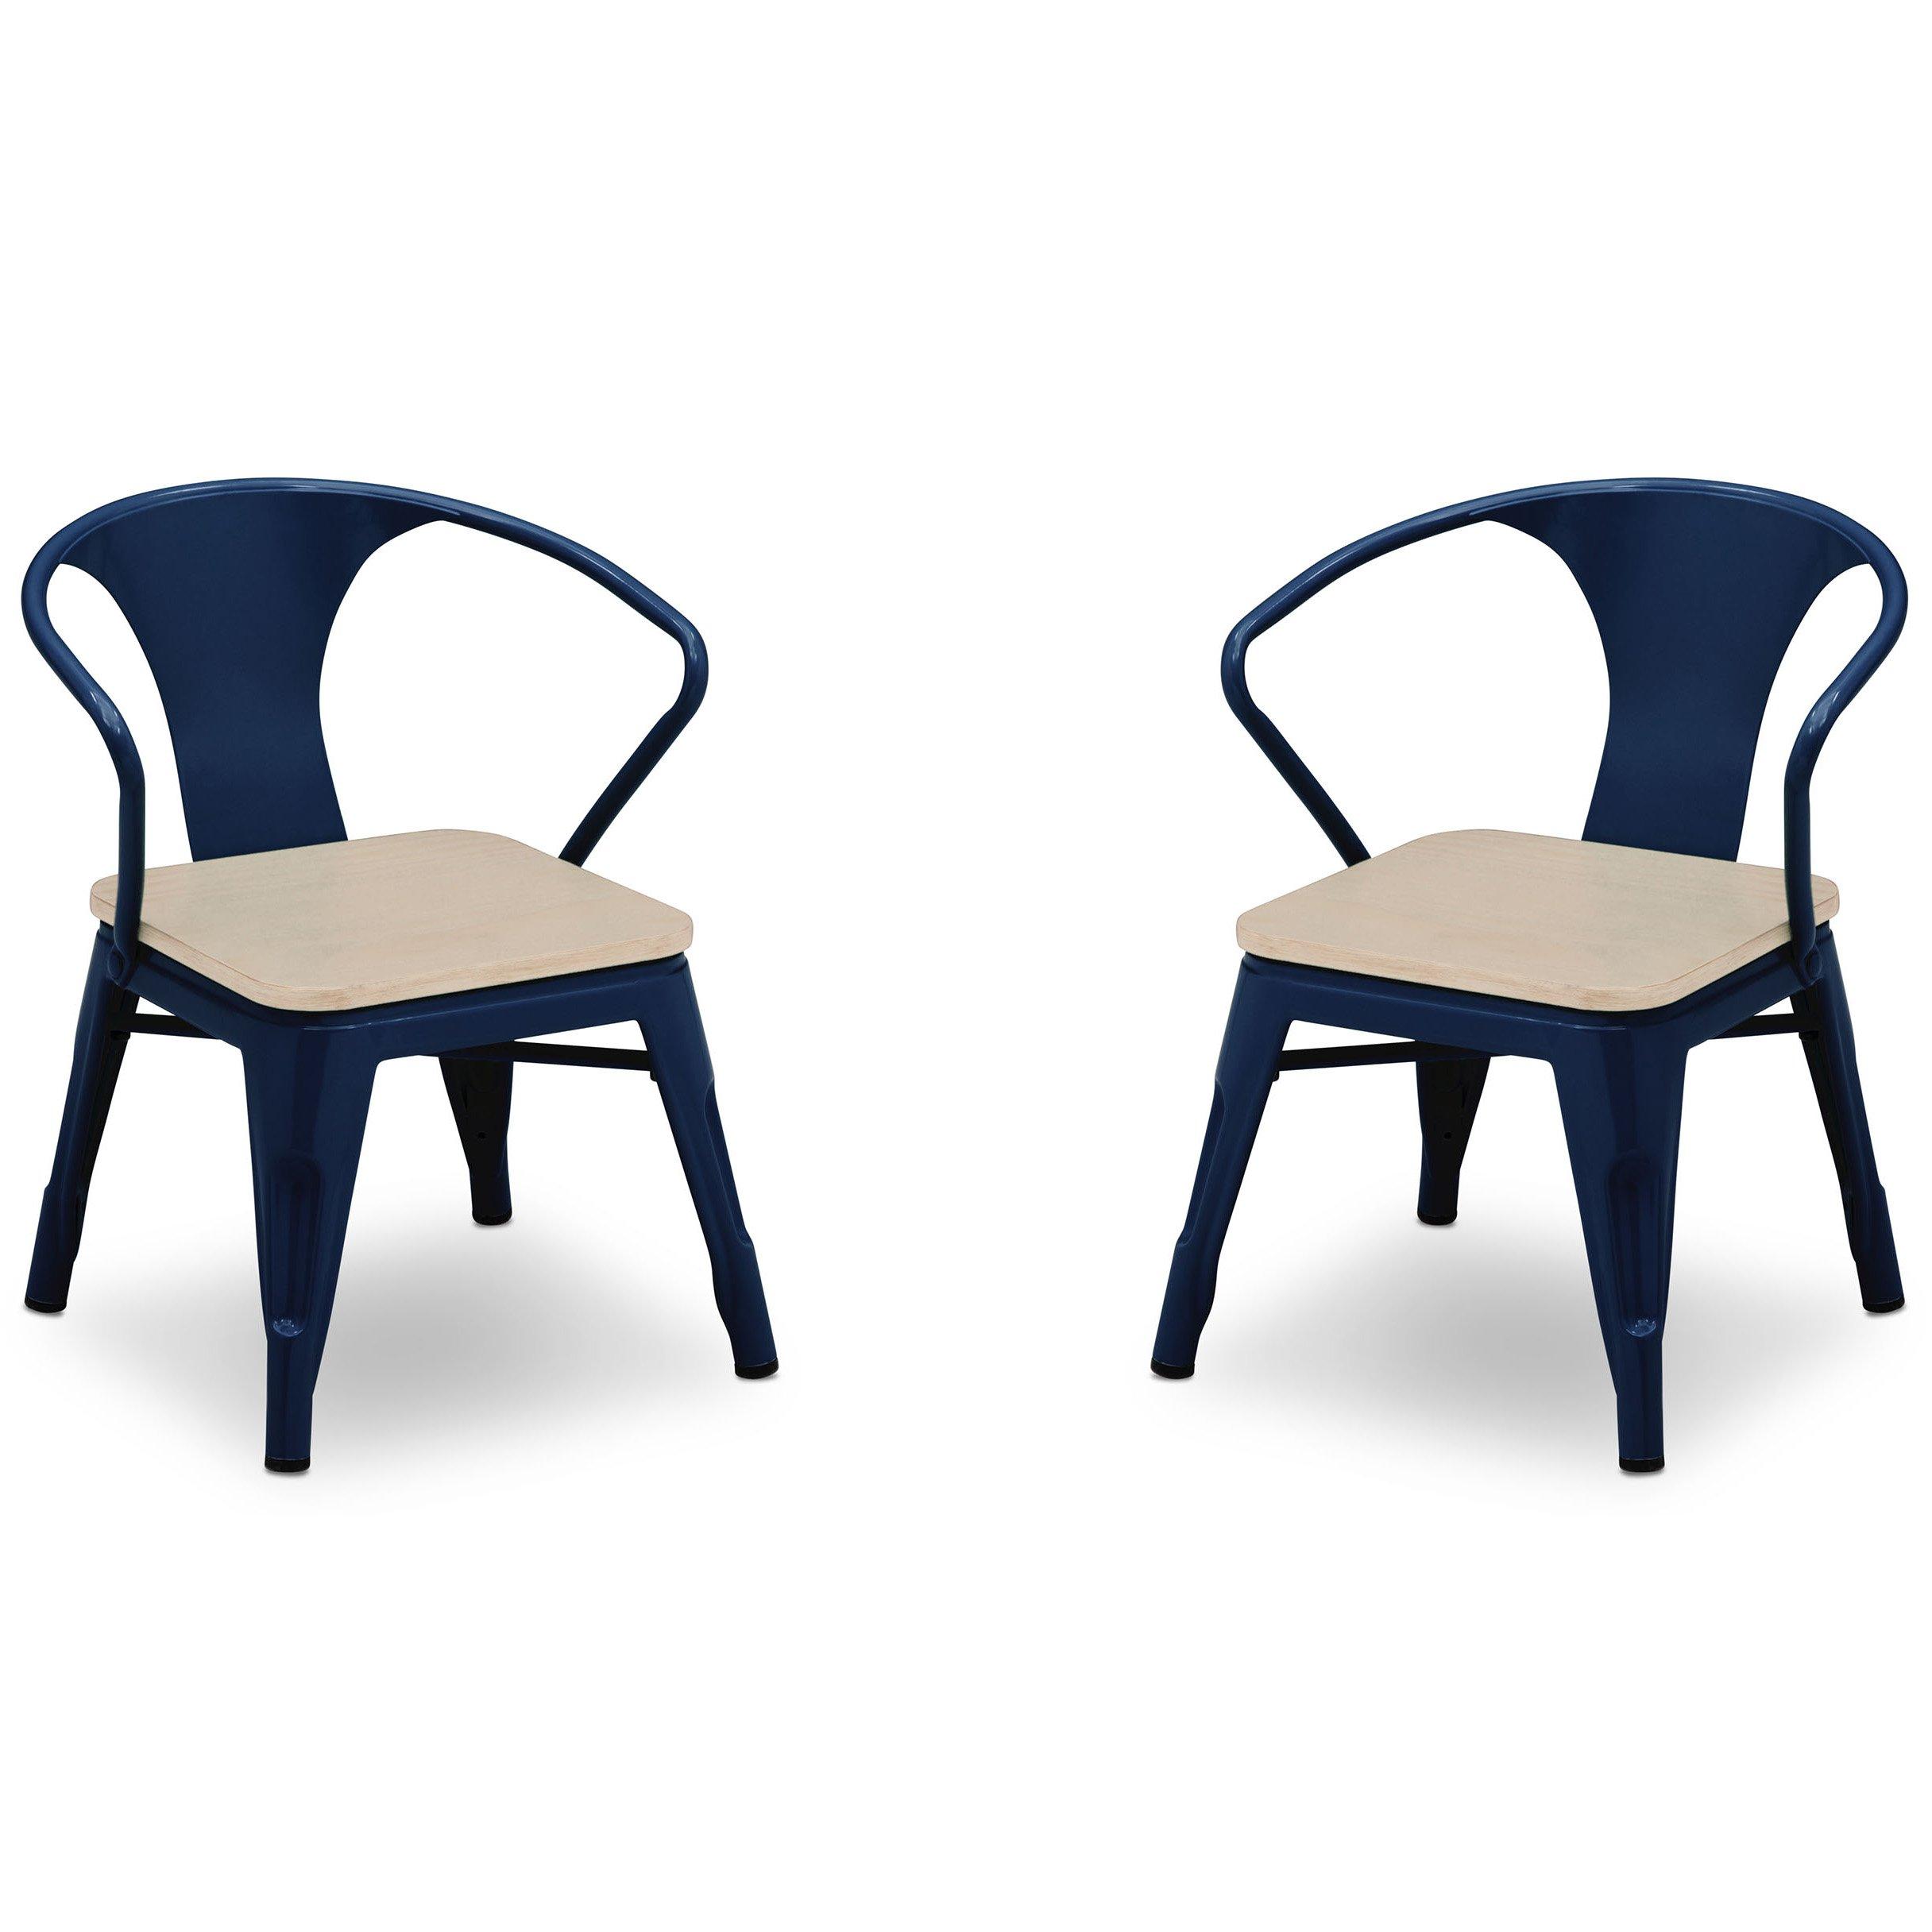 Delta Children Bistro 2-Piece Chair Set, Navy with Driftwood